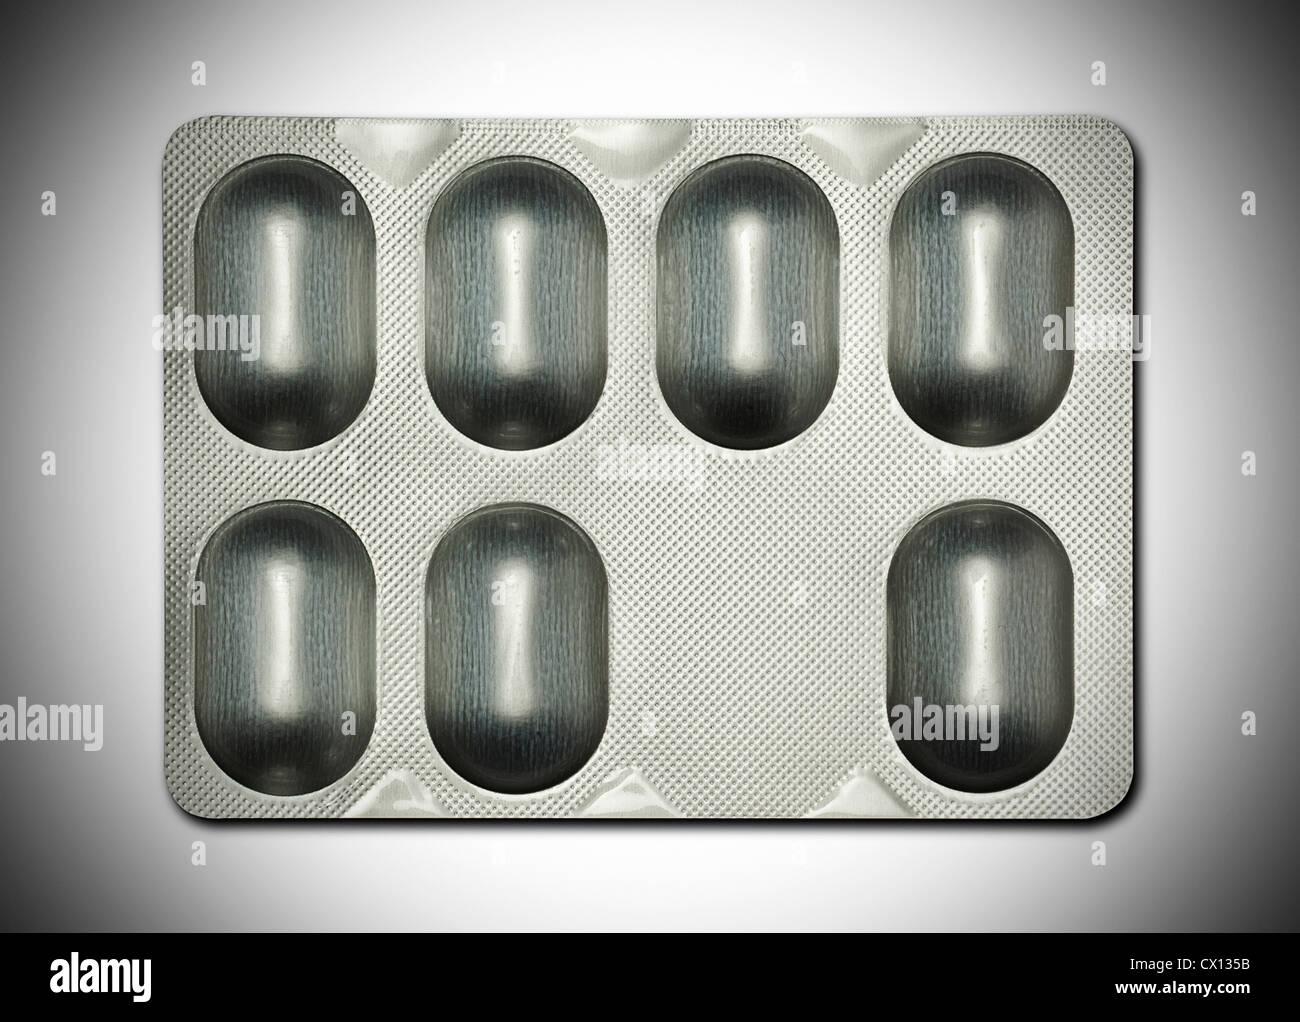 Tablet blister pack - Stock Image